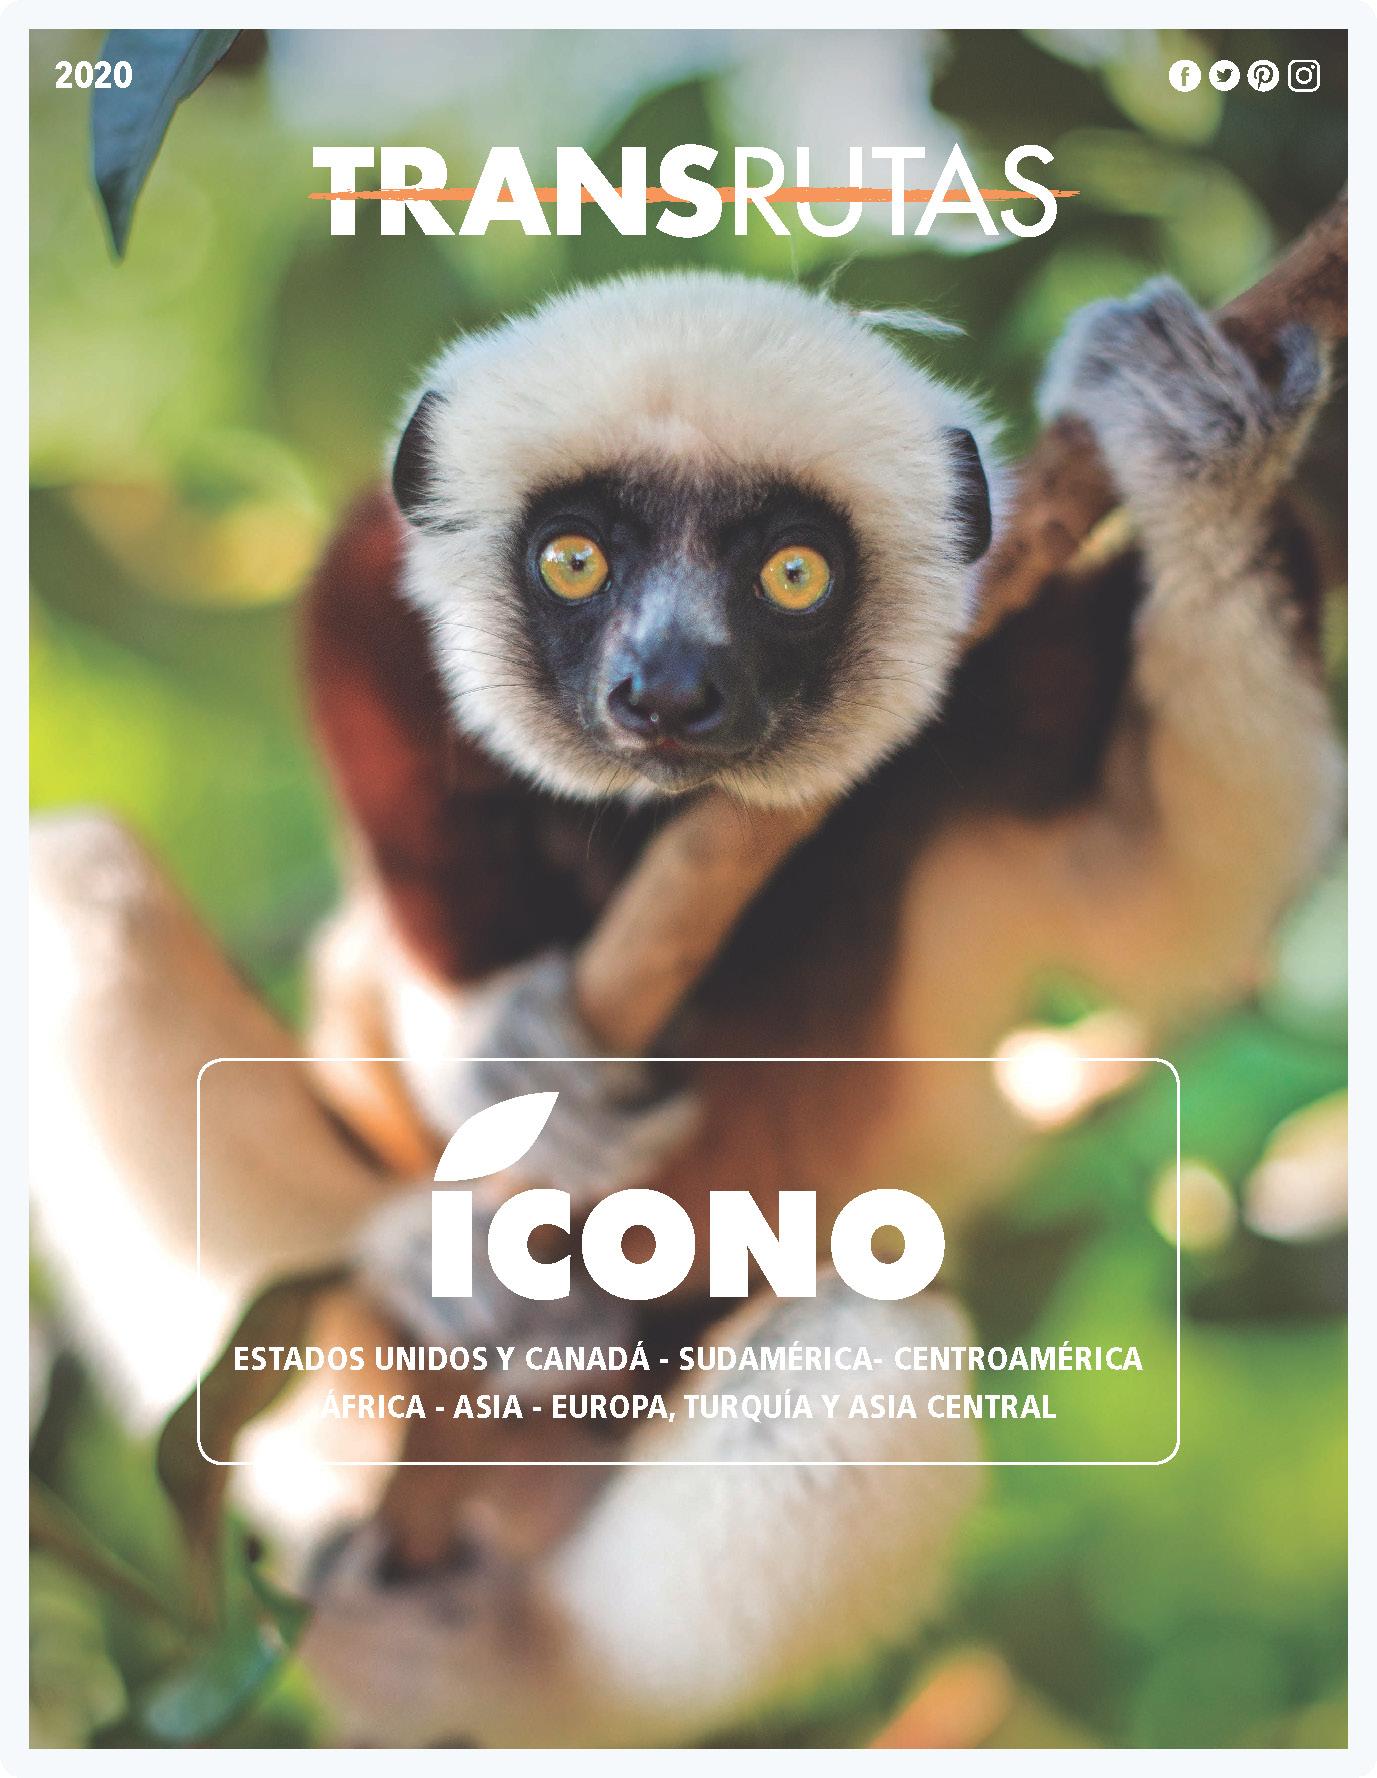 Catalogo Transrutas Viajes Icono 2020